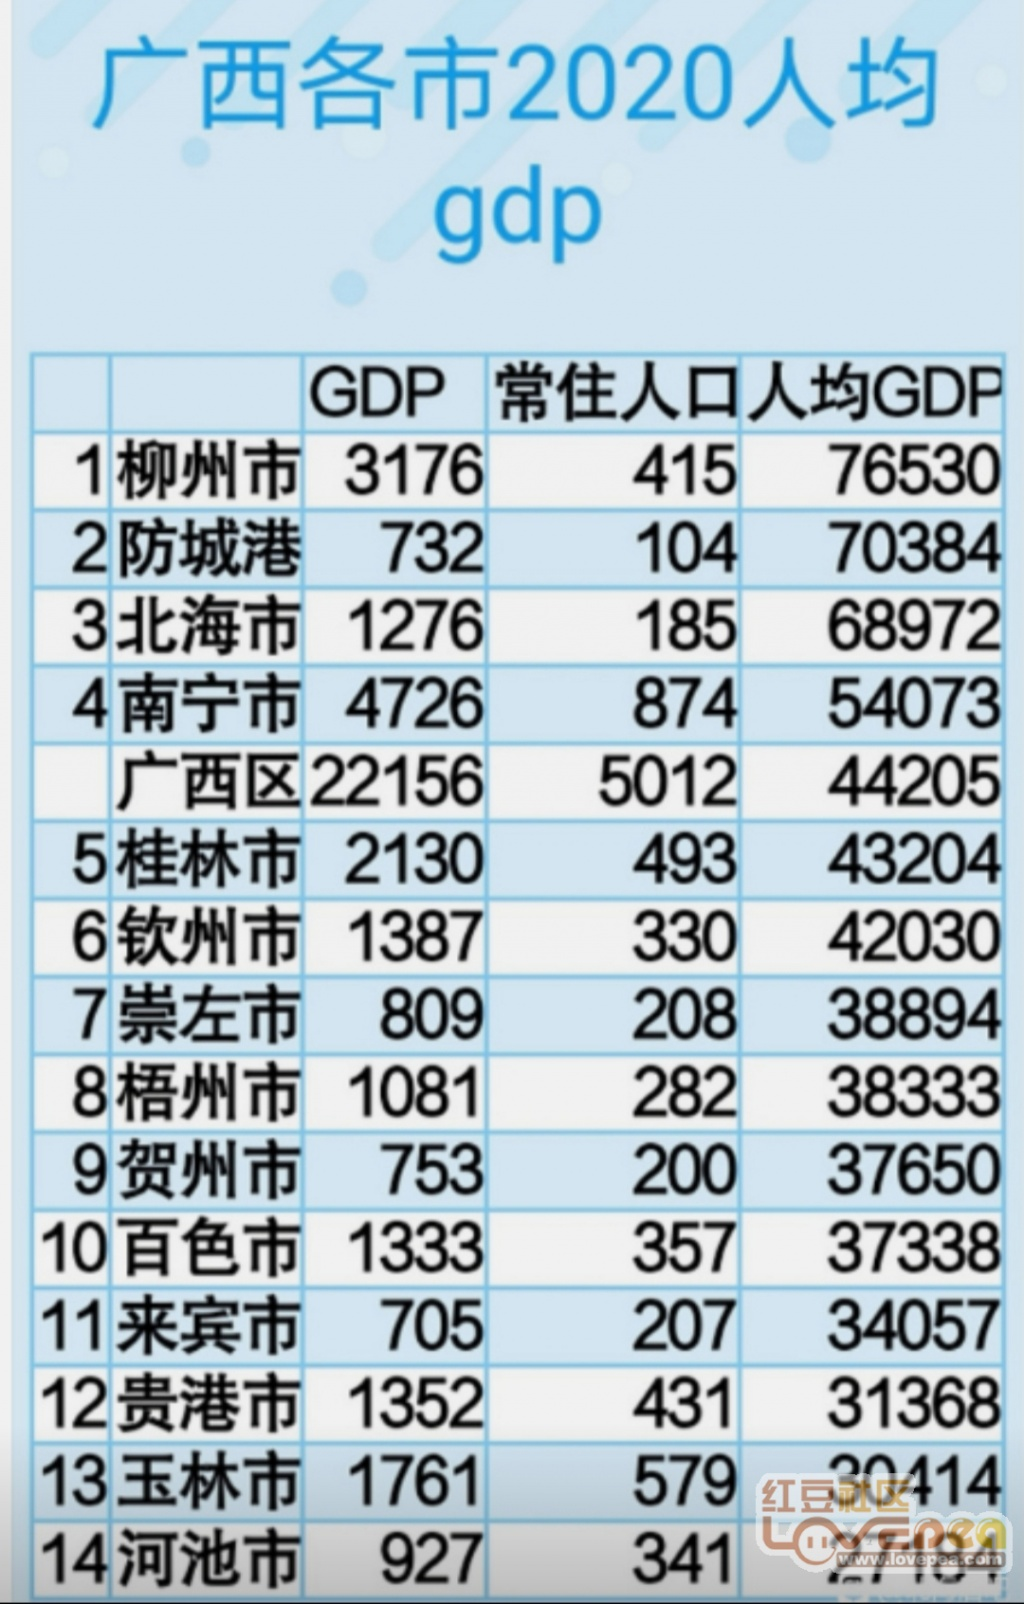 七普后全国城市人均gdp排名_中国各县市人均GDP排名和七普人口增量